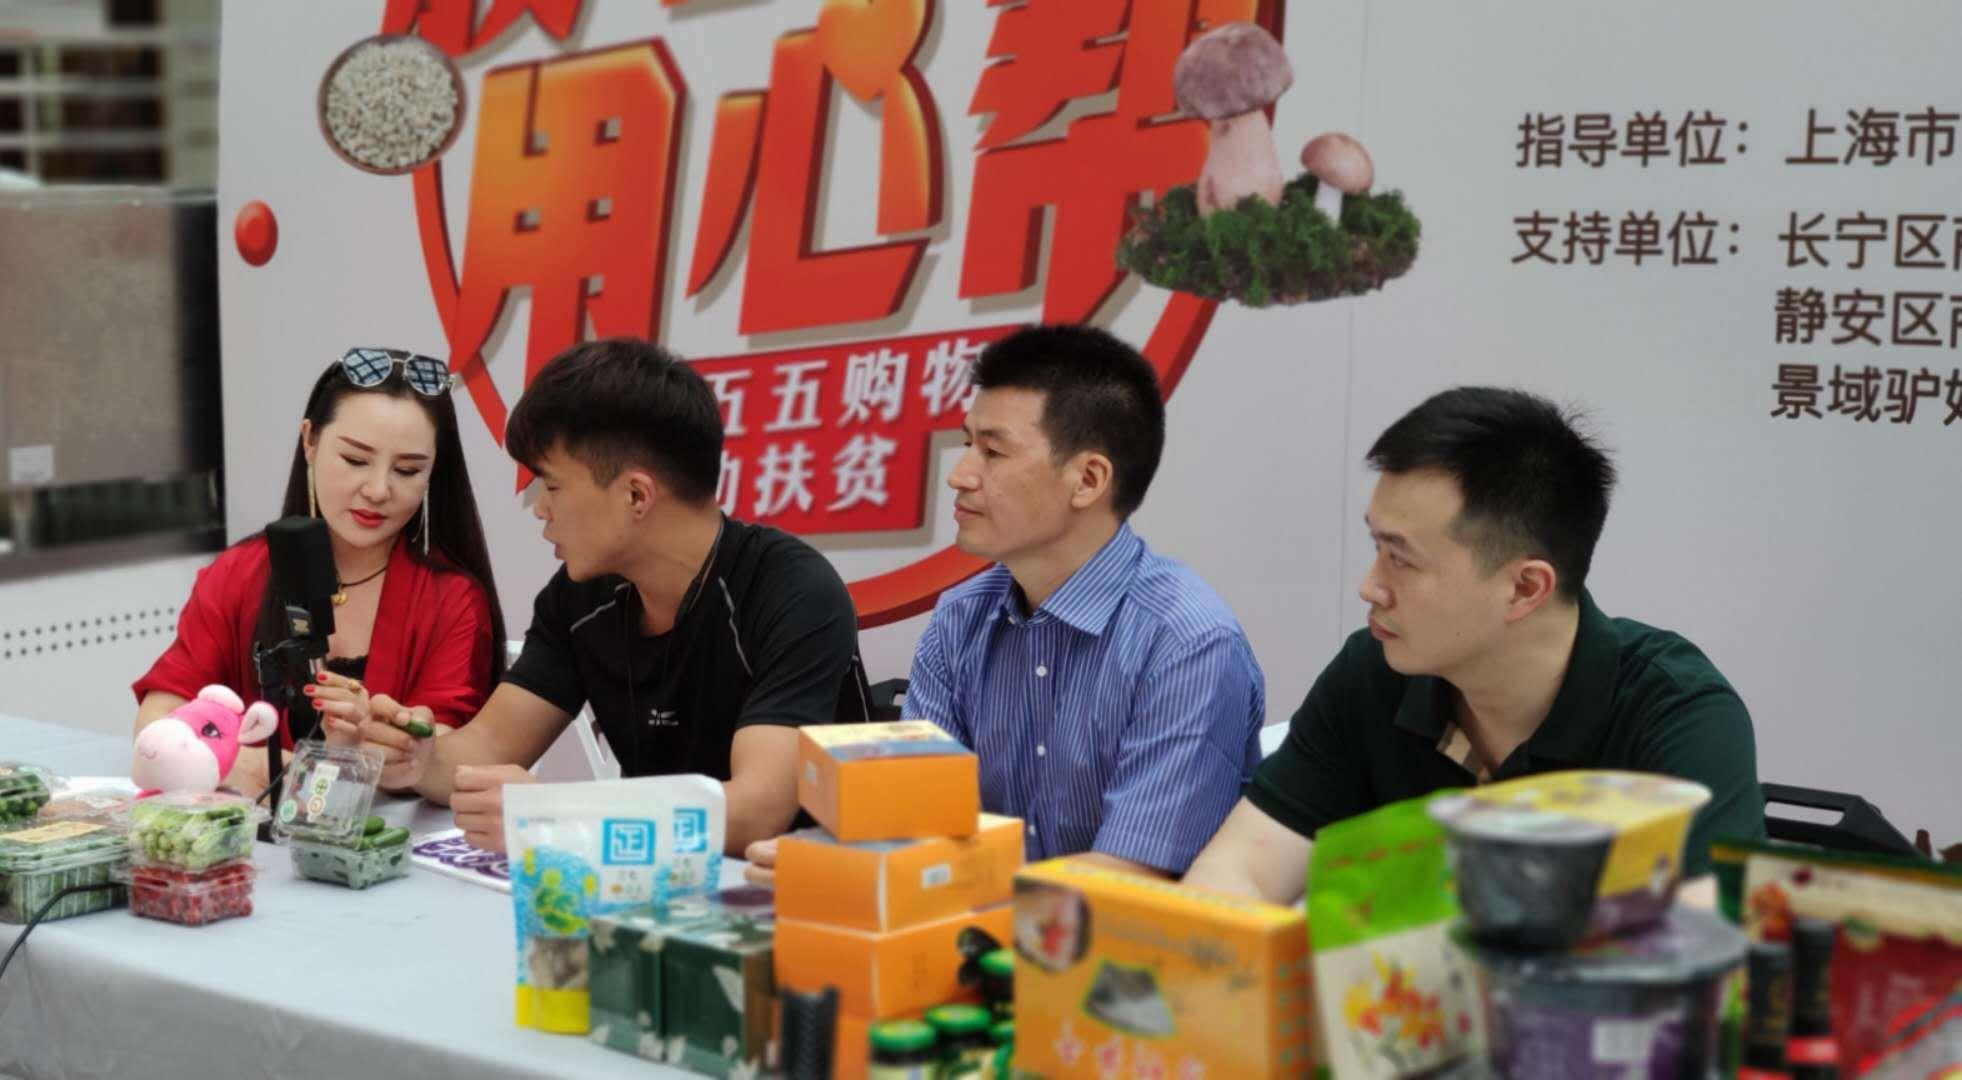 超萬噸特色農產品入市,上海老字號和直播帶貨助力扶貧